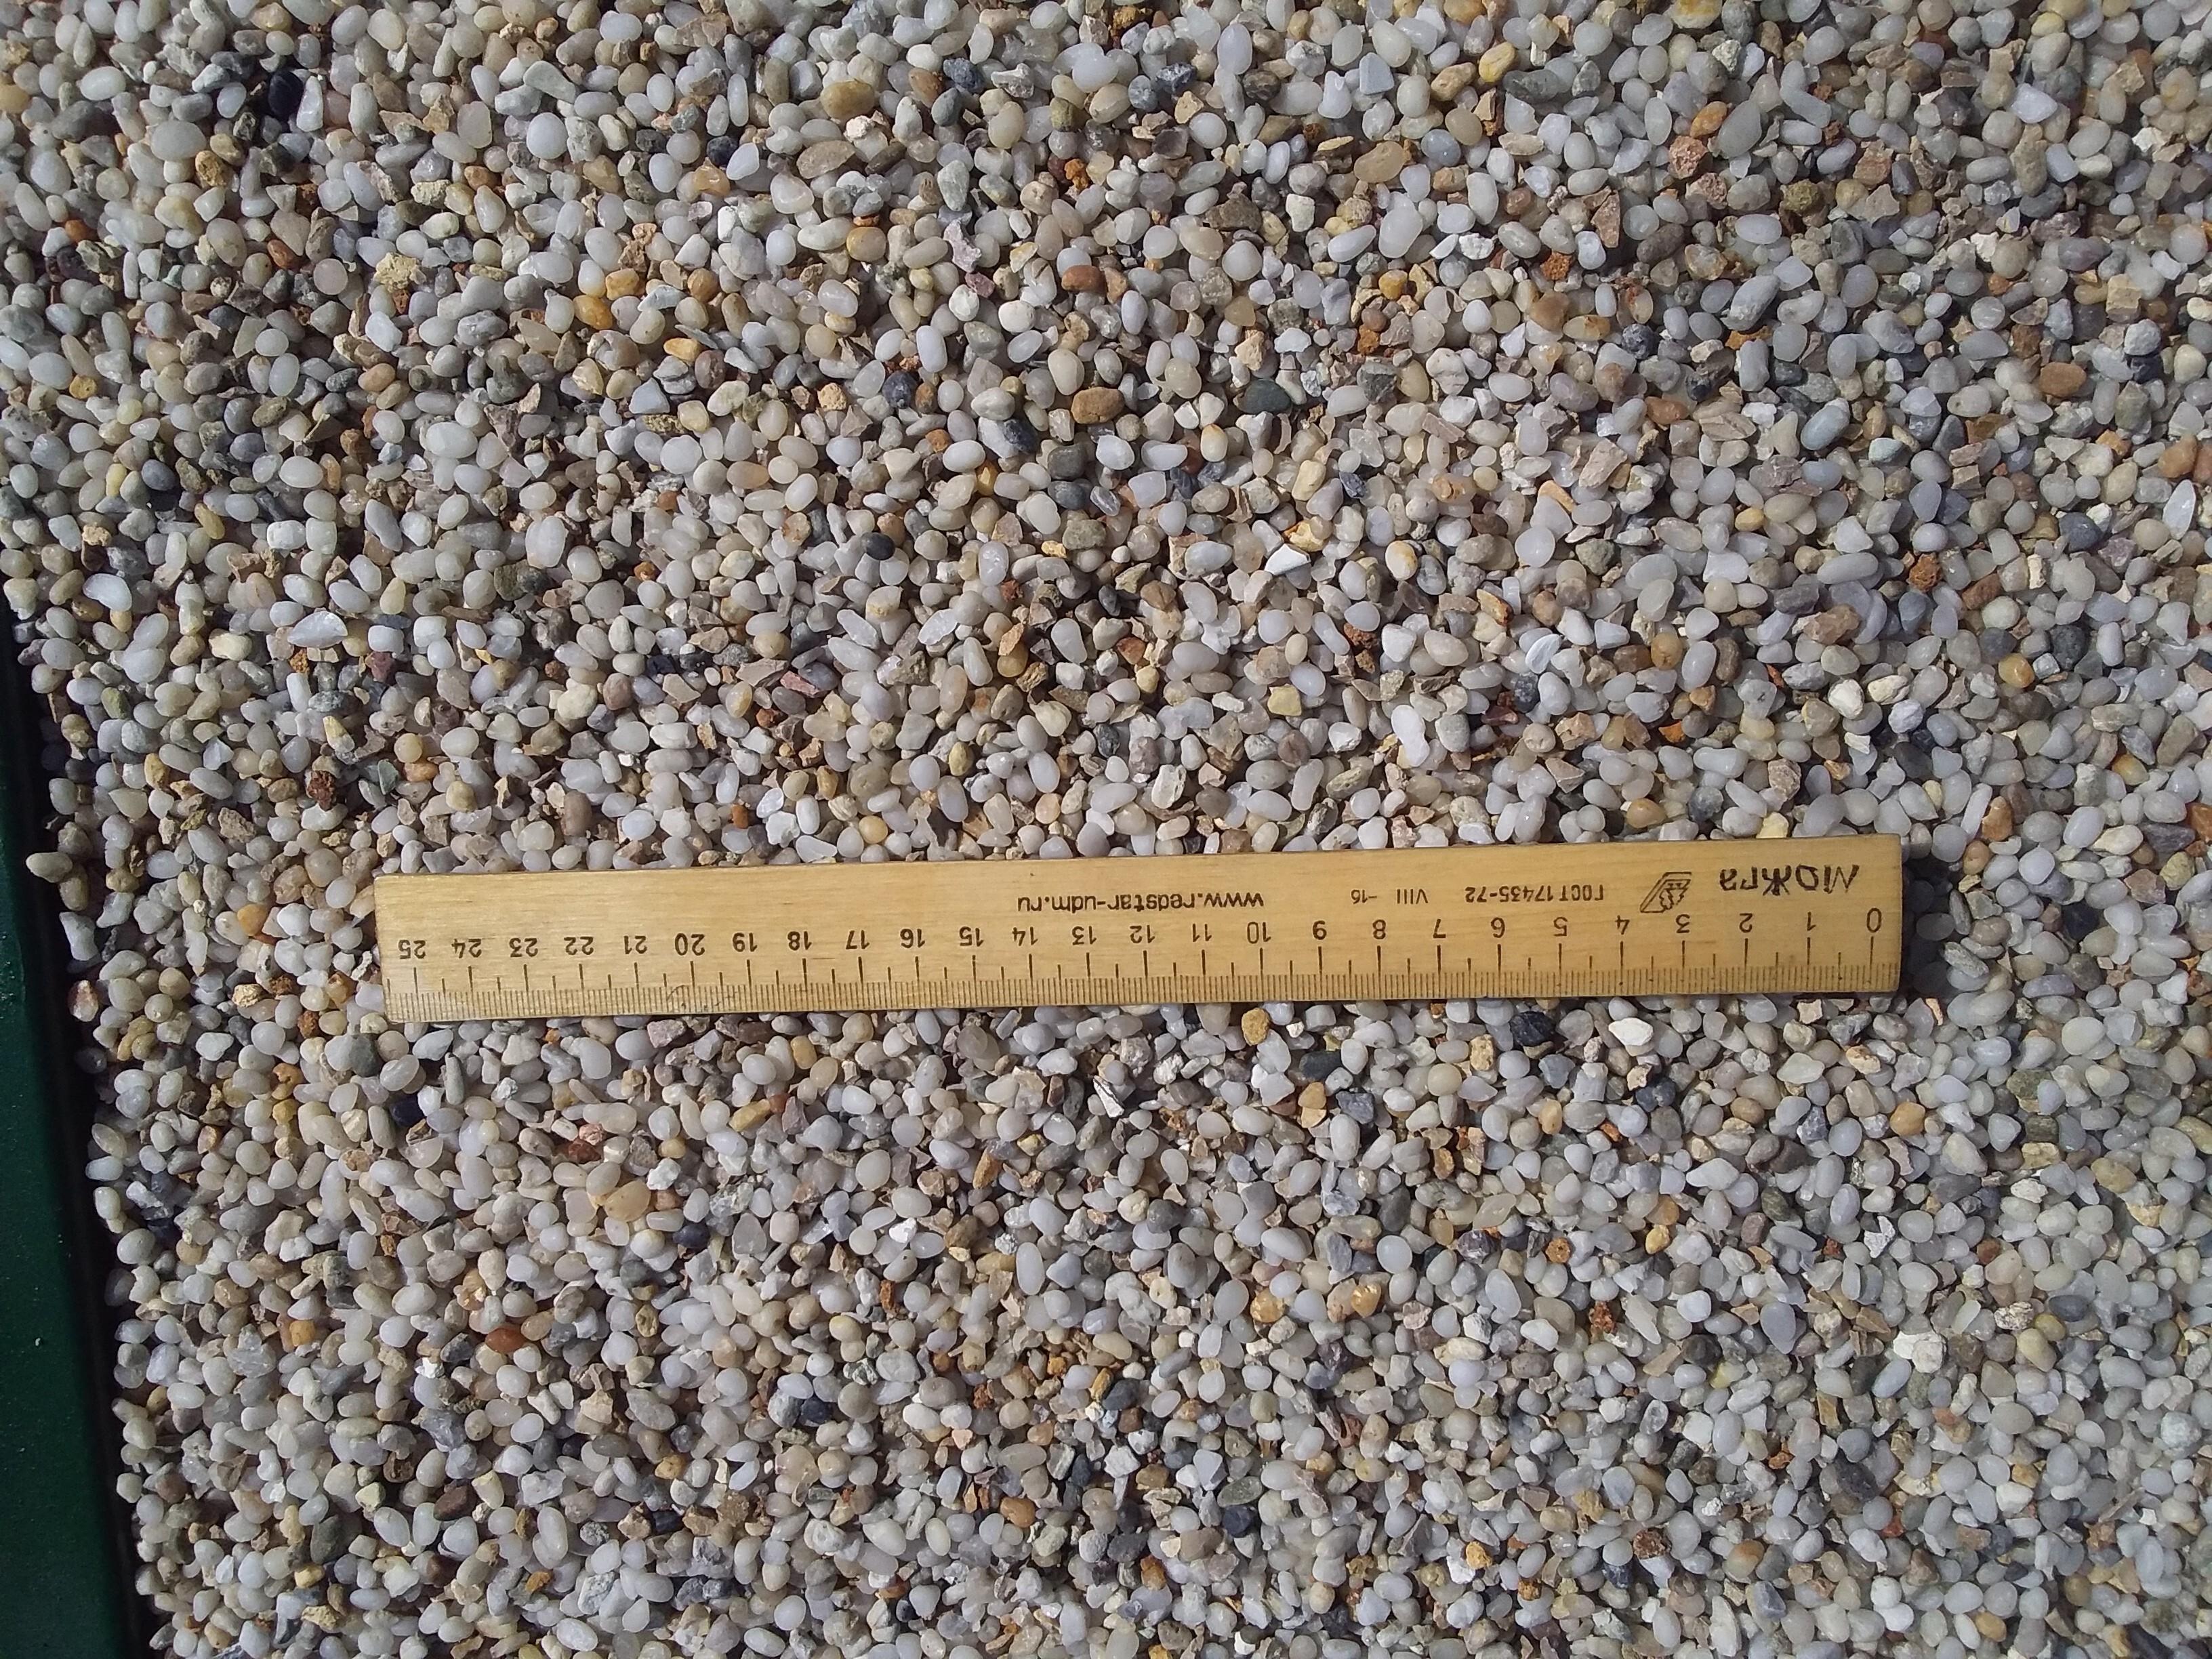 Купить мелкую гальку сеяную жемчужную оптом от поставщика по низкой цене с доставкой